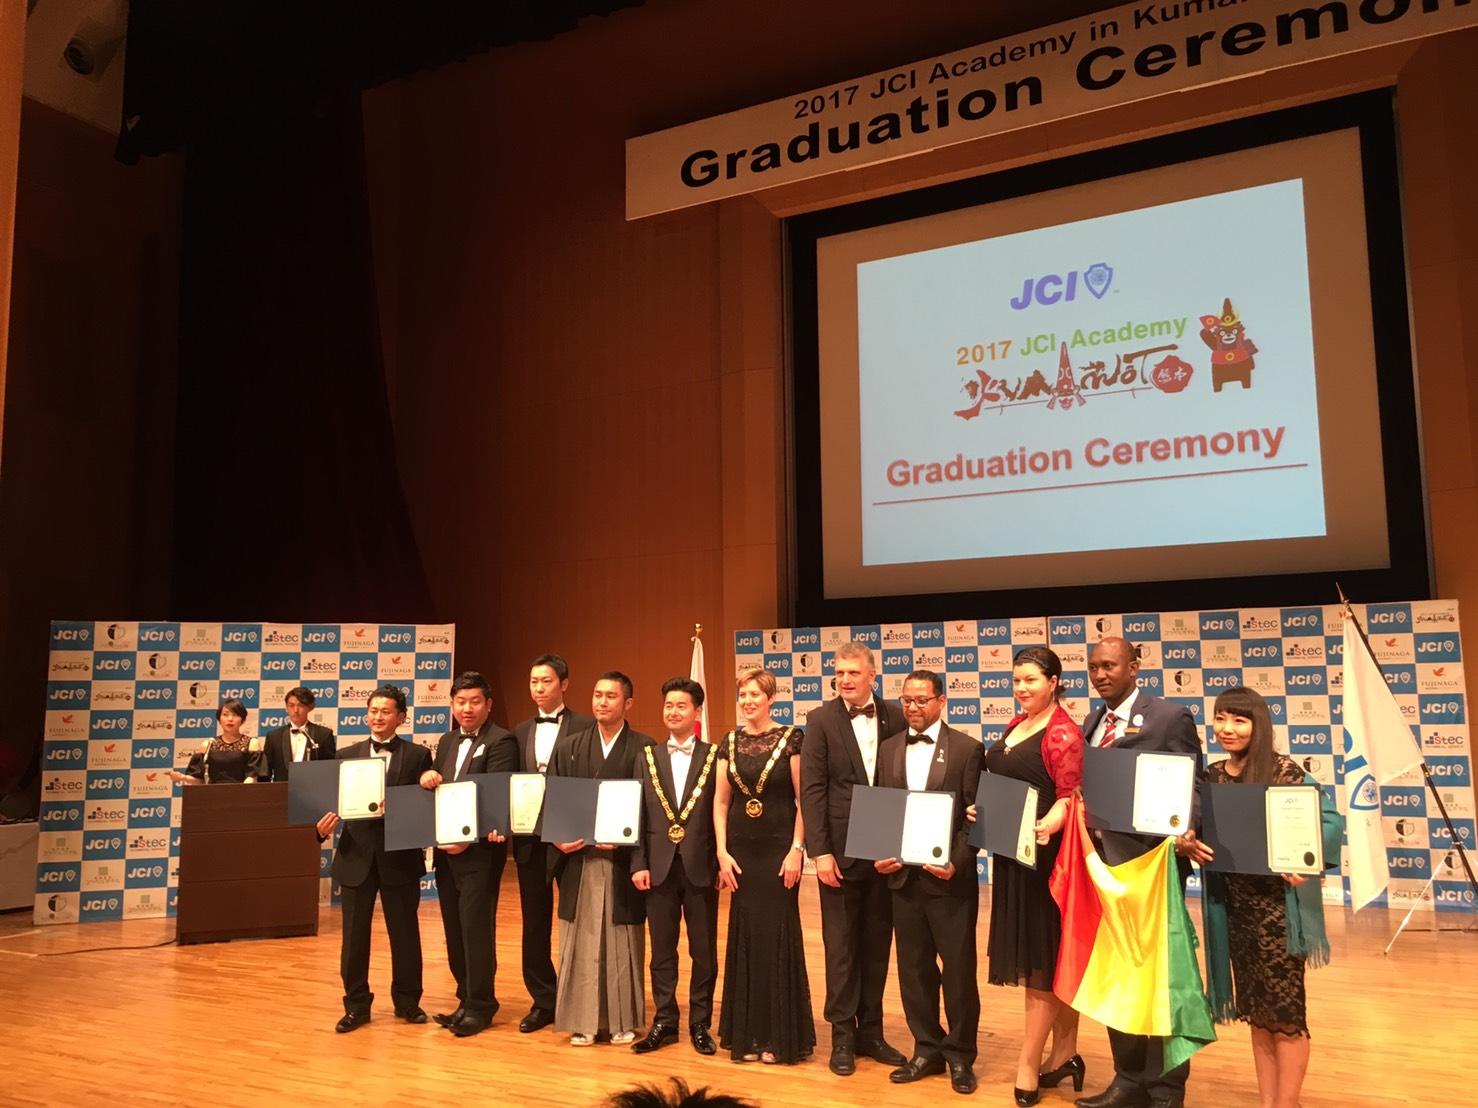 卒業証書の授与